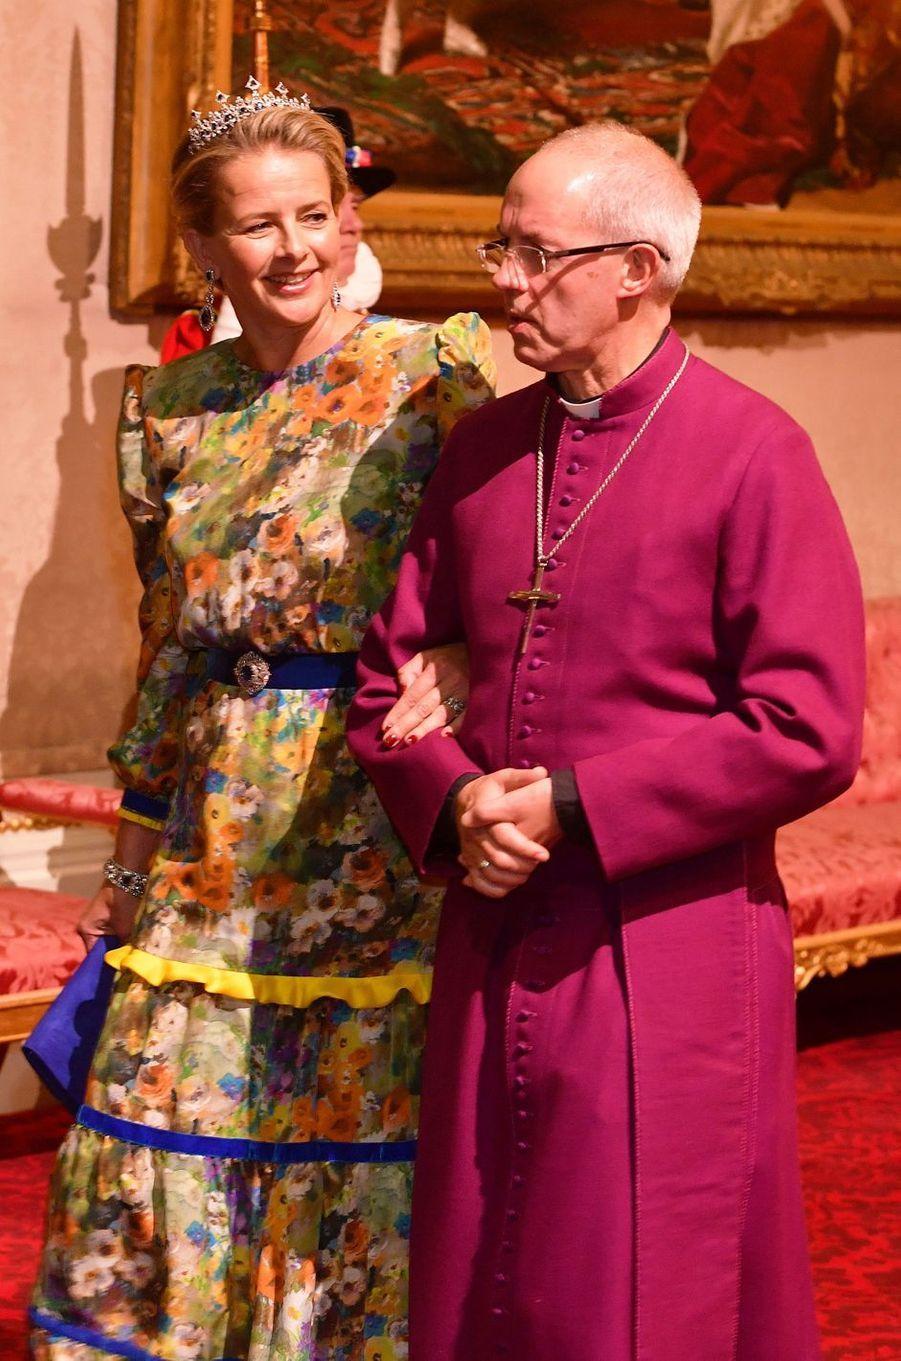 La princesse Mabel des Pays-Bas à Londres, le 23 octobre 2018